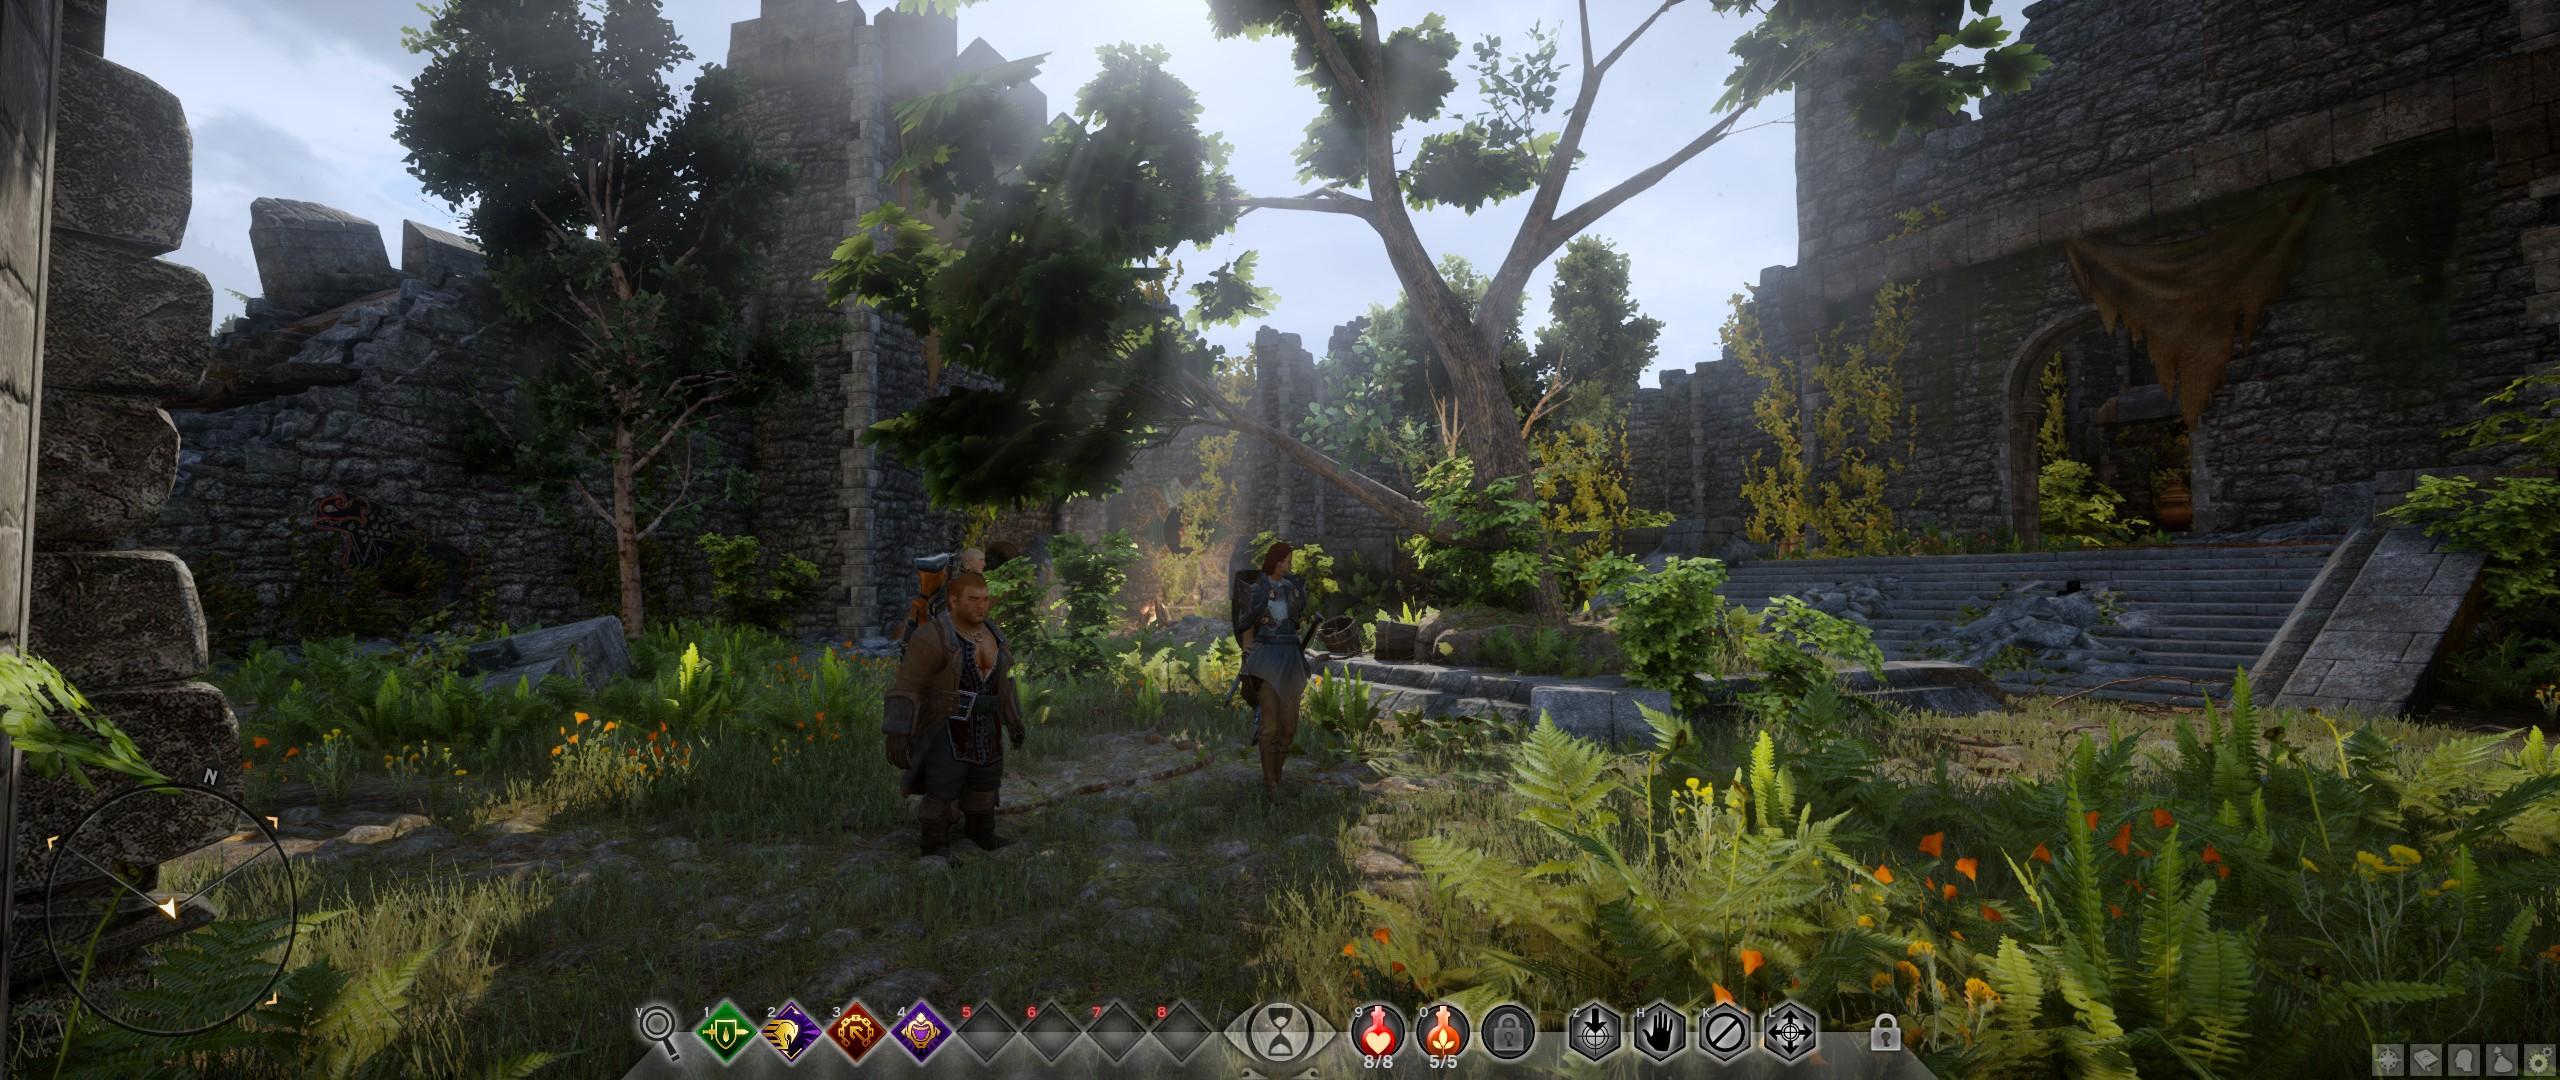 ScreenshotWin32_0007_Final